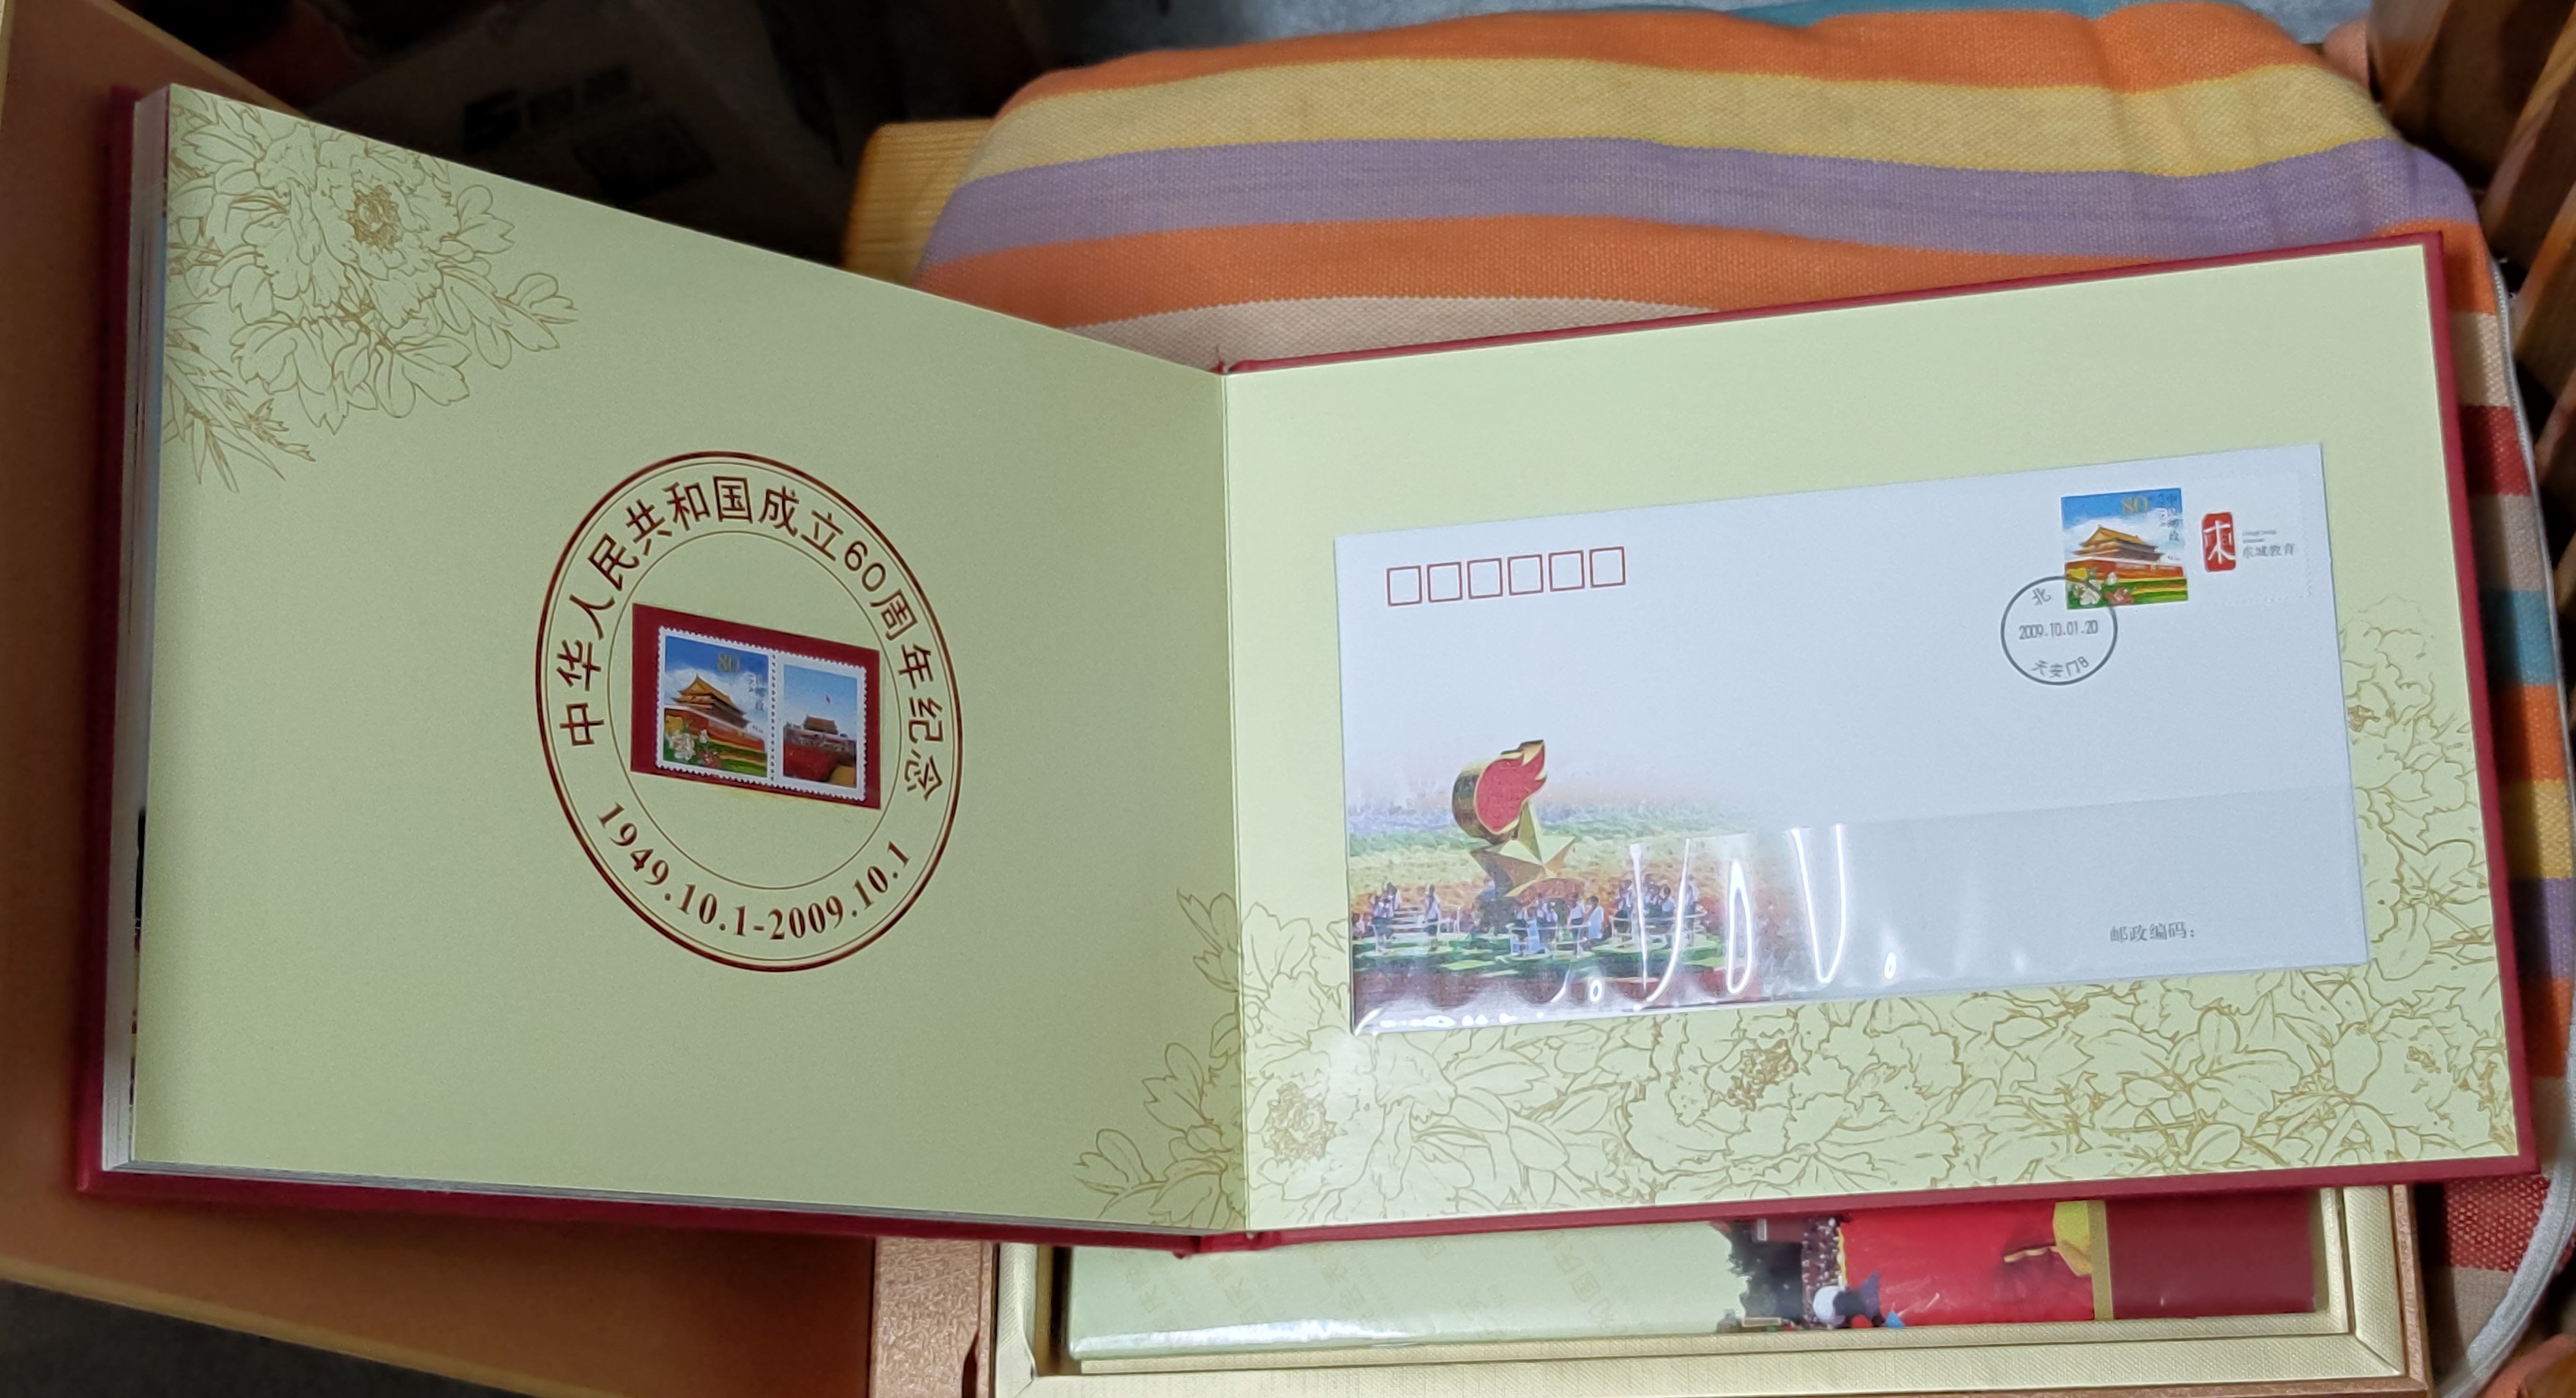 十一当天盖有天安门邮戳的信封